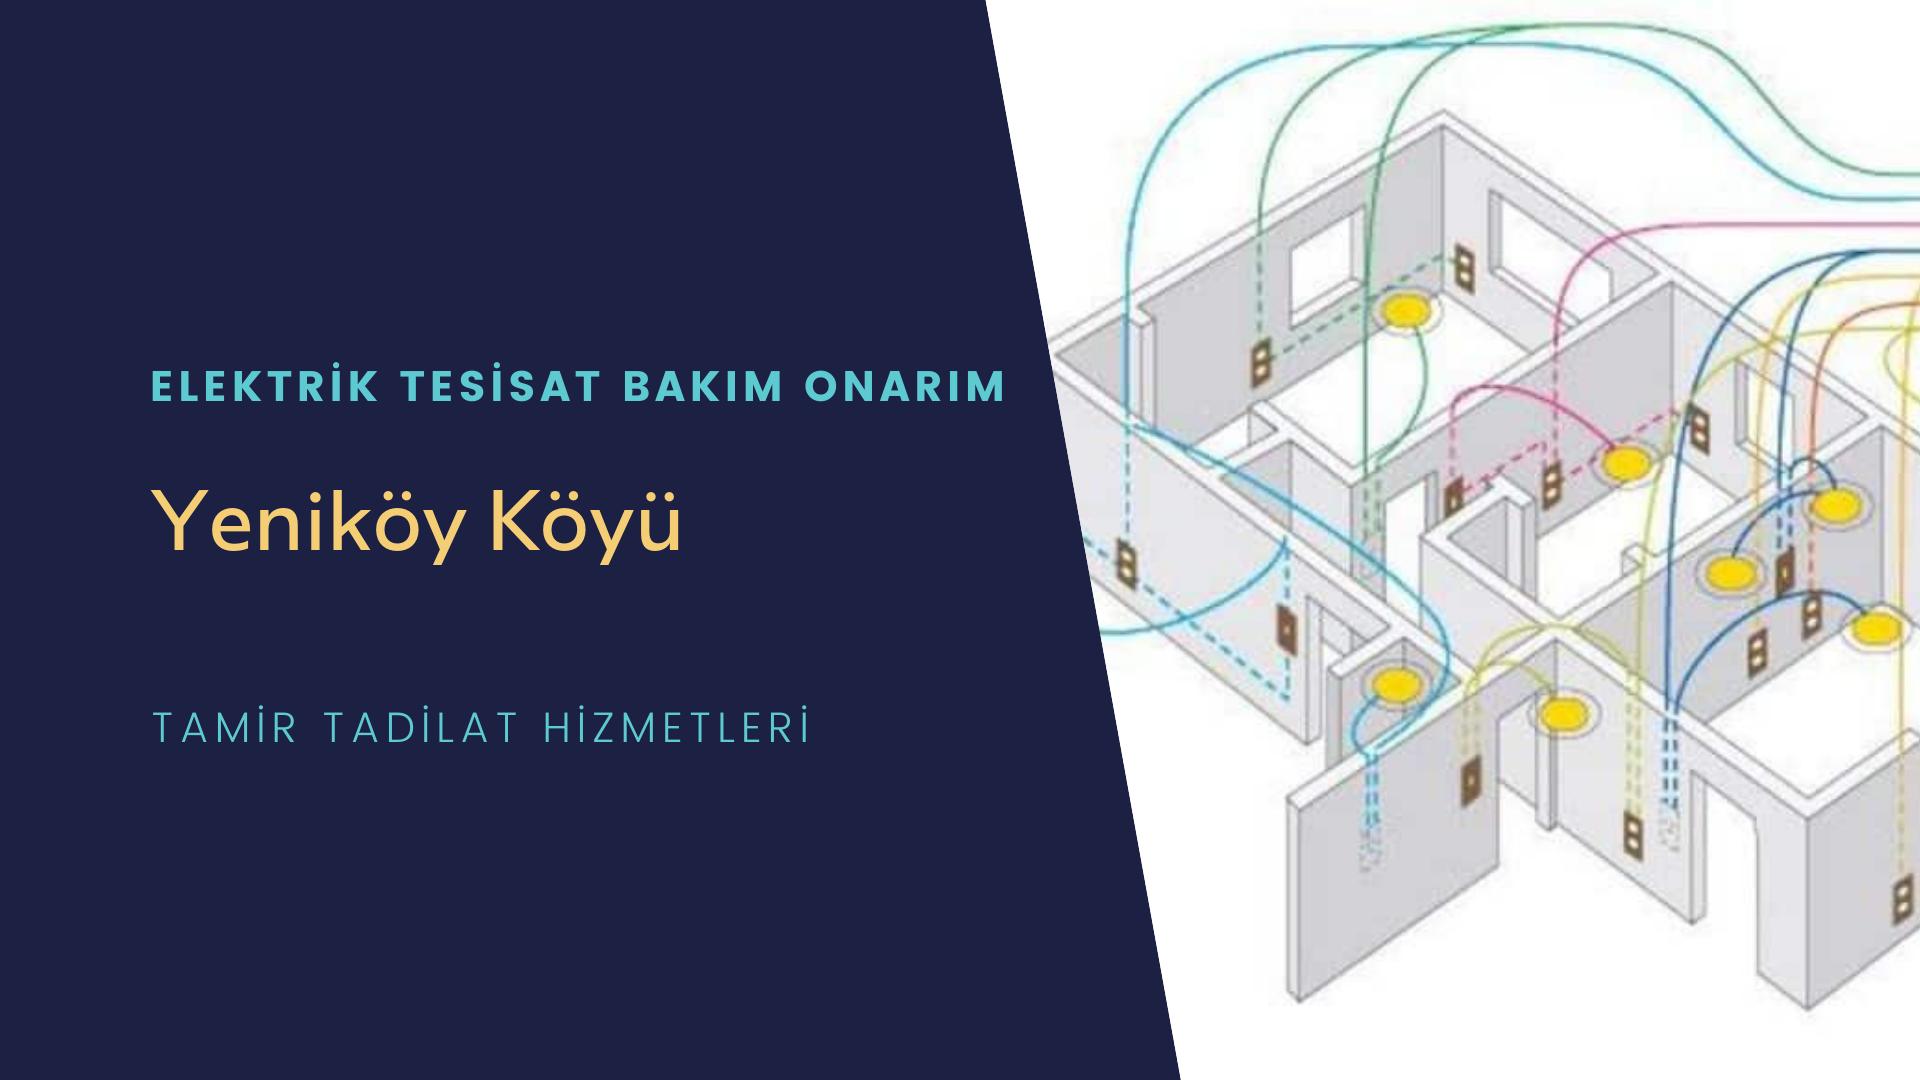 Yeniköy Köyü  elektrik tesisatıustalarımı arıyorsunuz doğru adrestenizi Yeniköy Köyü elektrik tesisatı ustalarımız 7/24 sizlere hizmet vermekten mutluluk duyar.